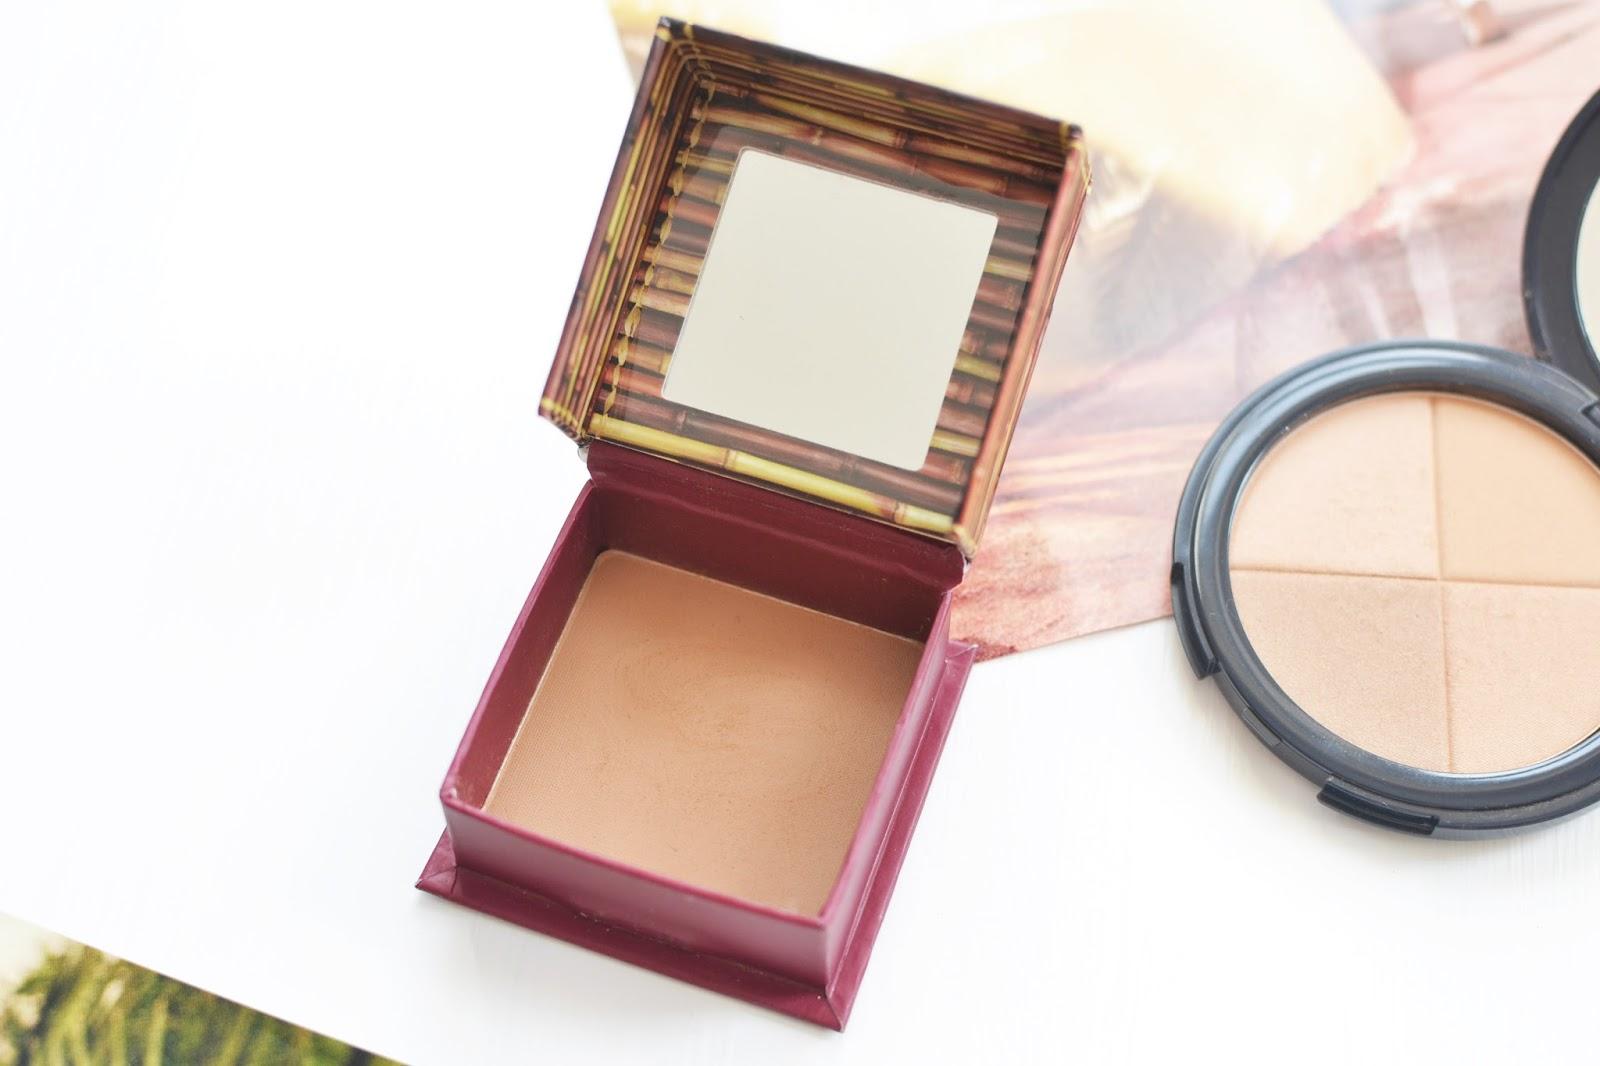 benefit hoola bronzer, benefit bronzer, best bronzing powder